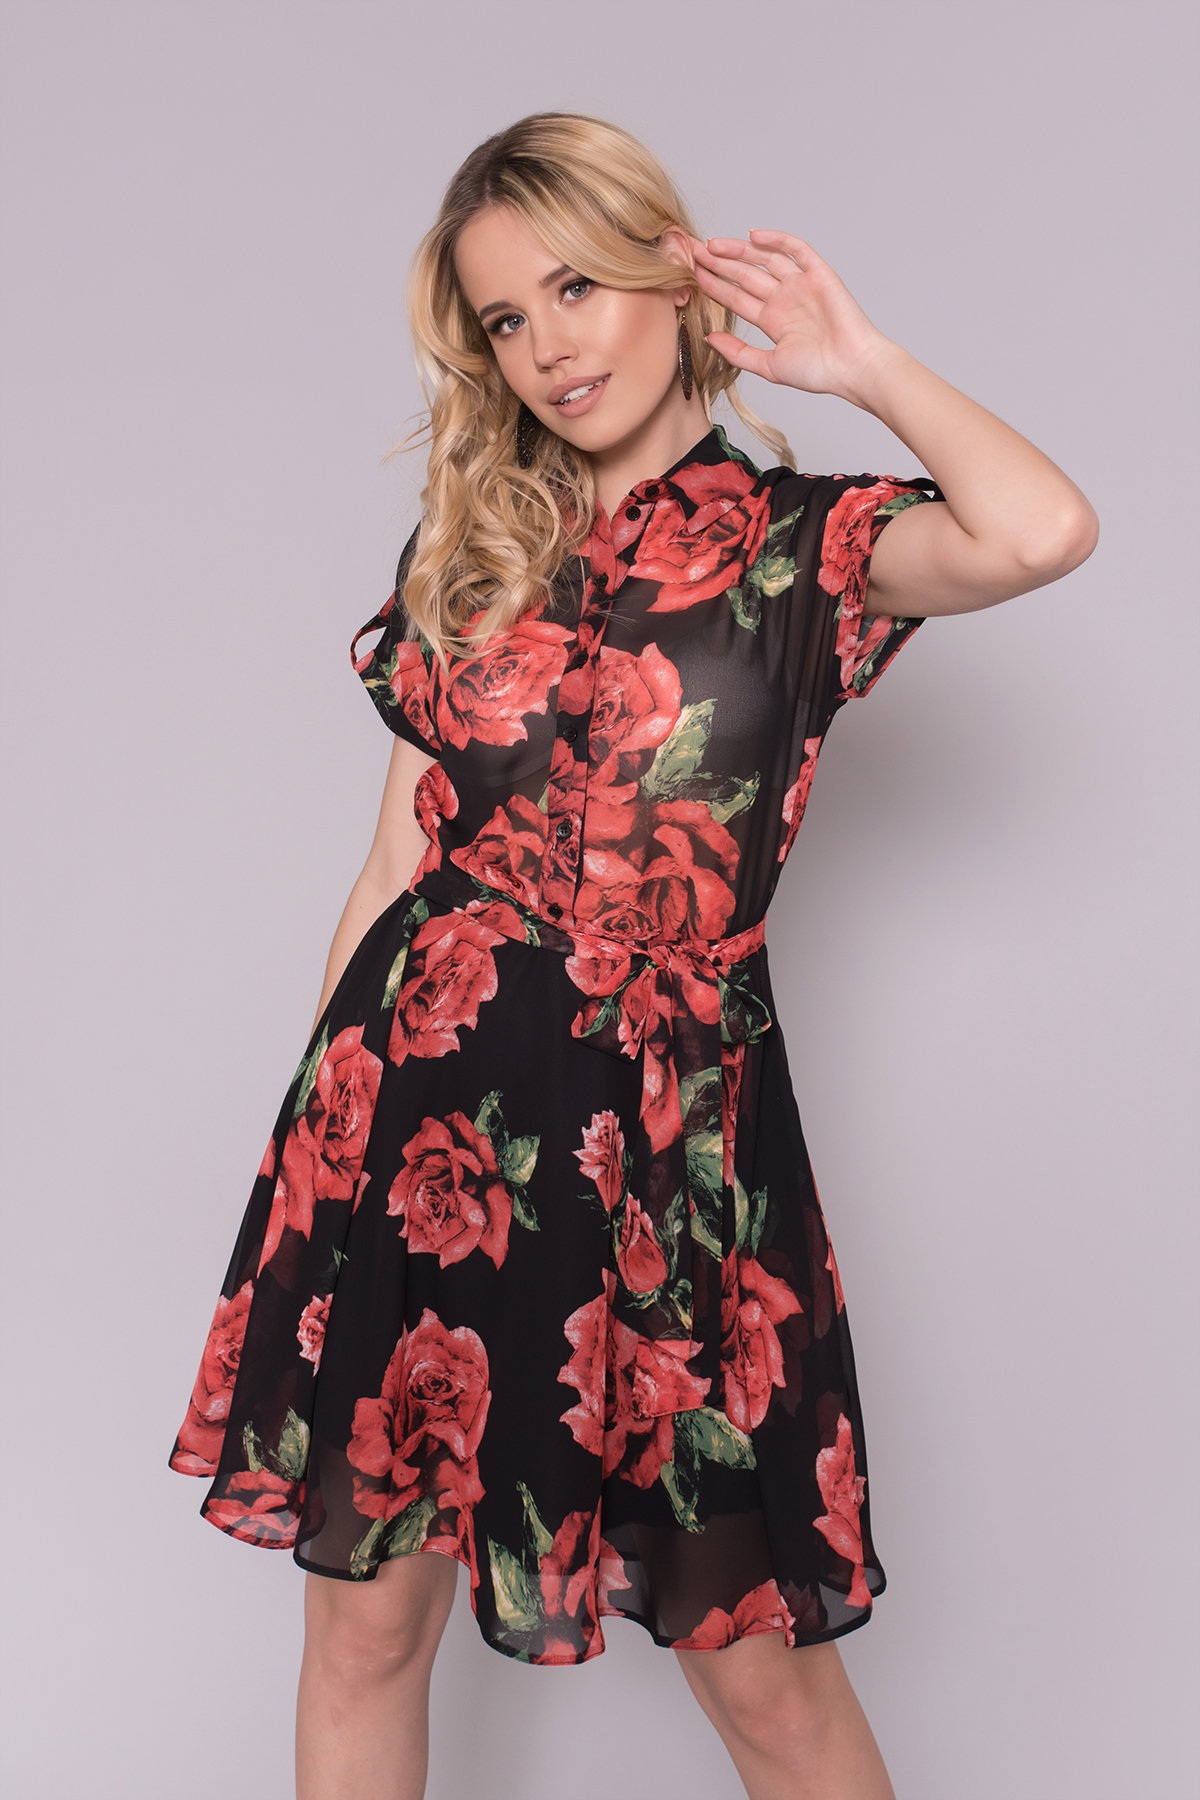 Платье Санжар 6935 АРТ. 42934 Цвет: Розы черный/красный - фото 3, интернет магазин tm-modus.ru